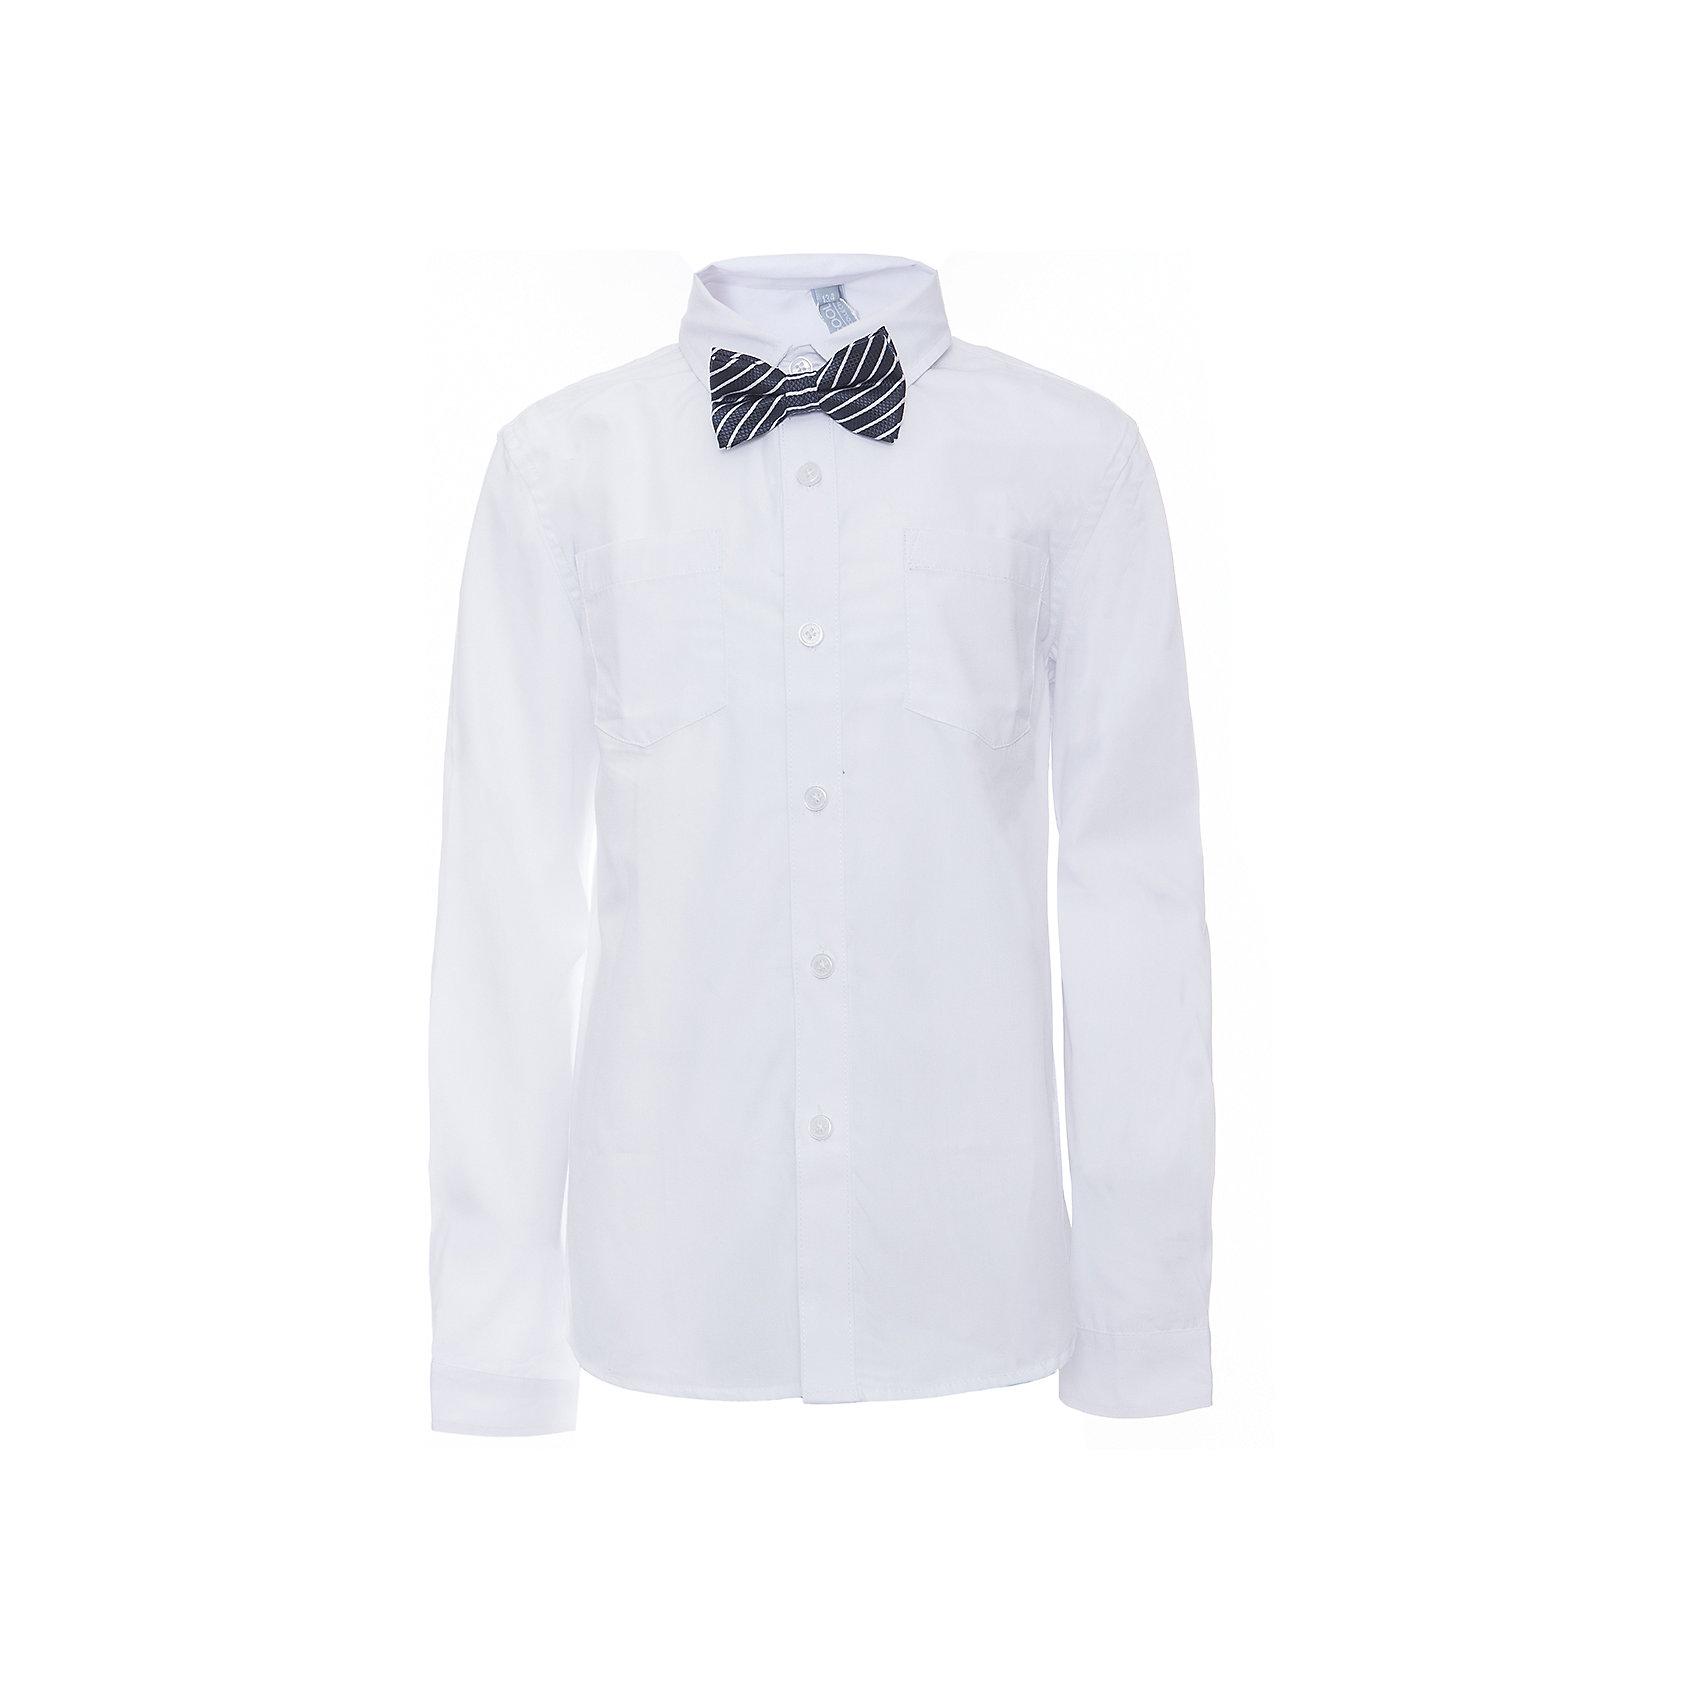 Рубашка для мальчика ScoolБлузки и рубашки<br>Рубашка для мальчика Scool<br>, Сорочка с длинным рукавом в классическом стиле выполнена из смесовой ткани, приятной к телу. Лекало этой модели полностью повторяет лекало модели для взрослого мужчины. Сорочка хорошо сочетается с костюмом в деловом стиле и джинсами. Модель дополнена аккуратным гастуком - бабочкой контрастного цвета.Преимущества: Модель с накладным карманомРукава сорочки с манжетами<br>Состав:<br>45% хлопок, 55% полиэстер<br><br>Ширина мм: 174<br>Глубина мм: 10<br>Высота мм: 169<br>Вес г: 157<br>Цвет: темно-синий<br>Возраст от месяцев: 156<br>Возраст до месяцев: 168<br>Пол: Мужской<br>Возраст: Детский<br>Размер: 164,122,128,134,140,146,152,158<br>SKU: 6754462